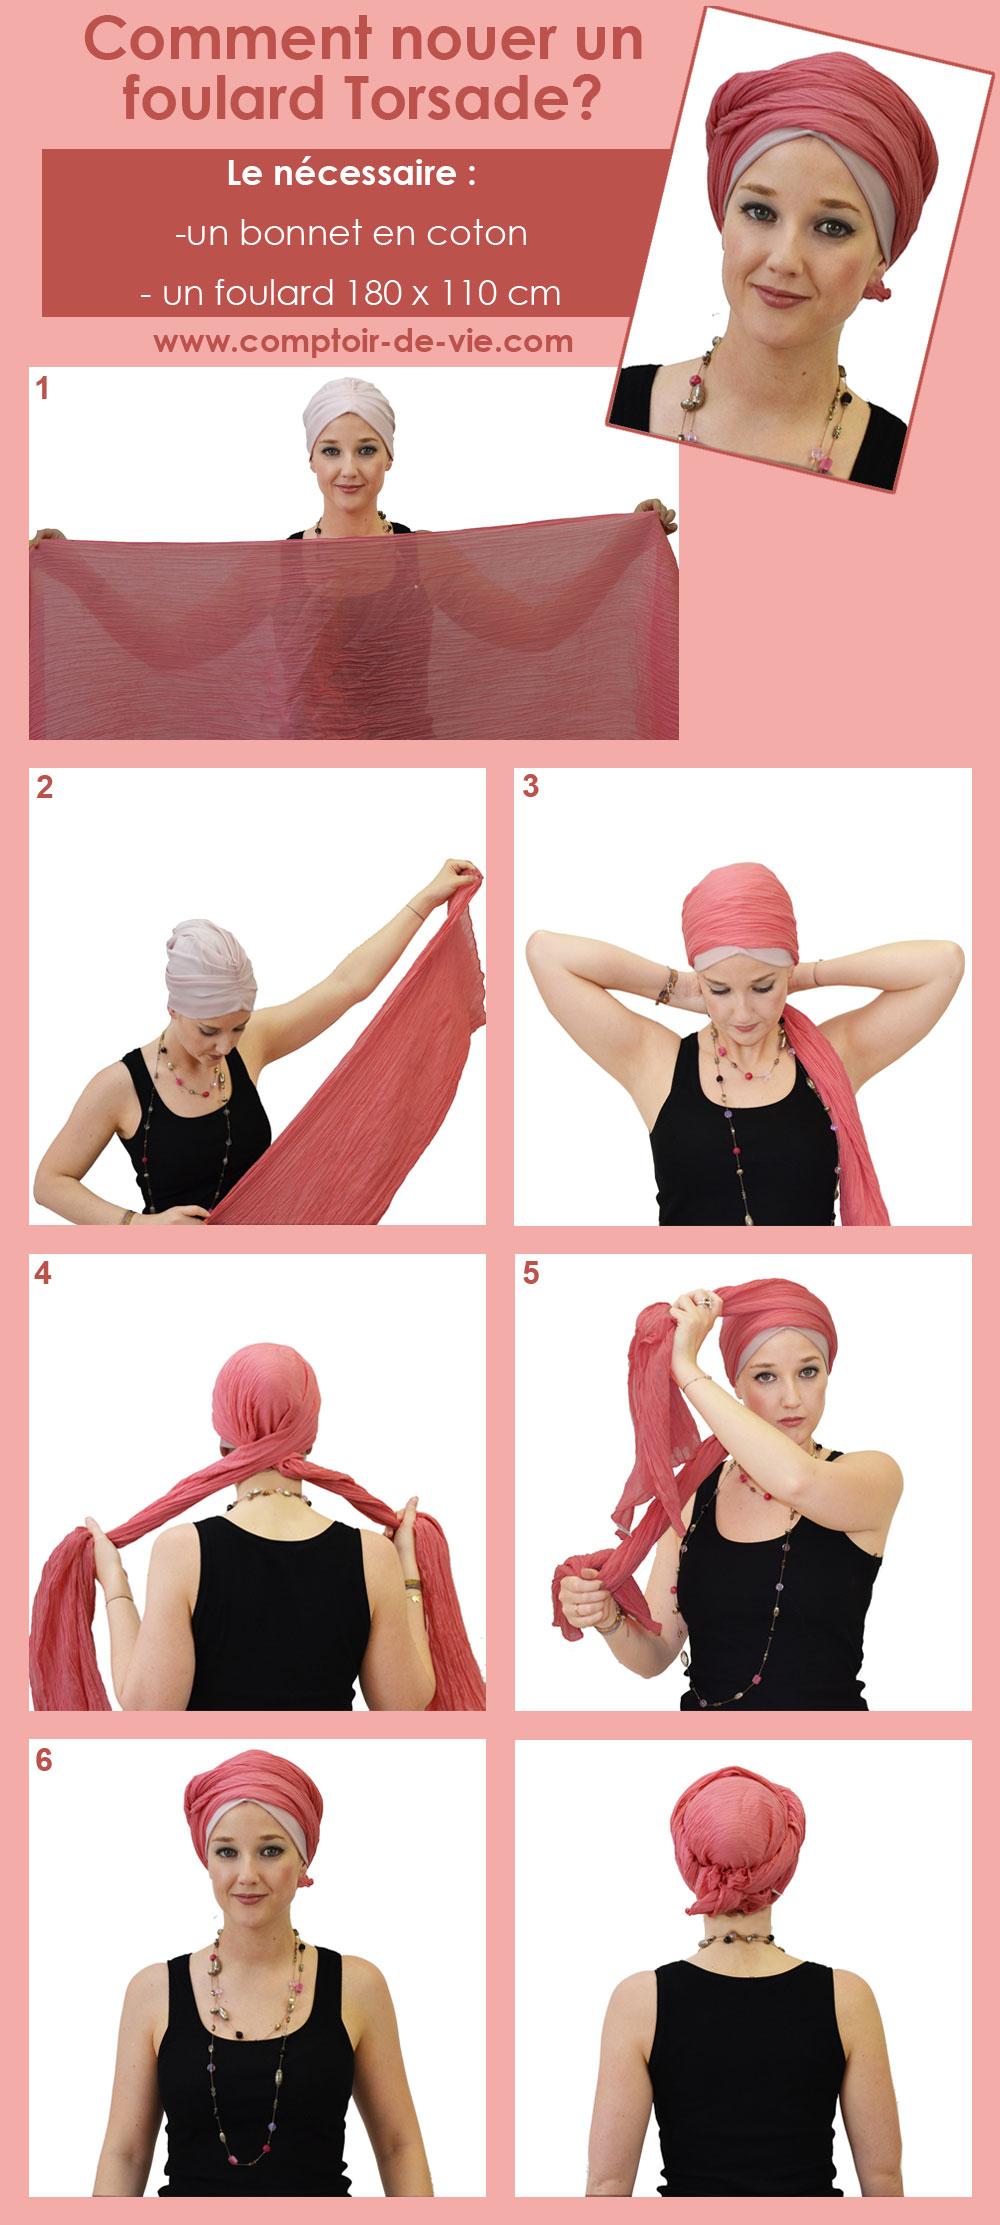 bf4db59fcc9c Comment nouer un turban - façon turban